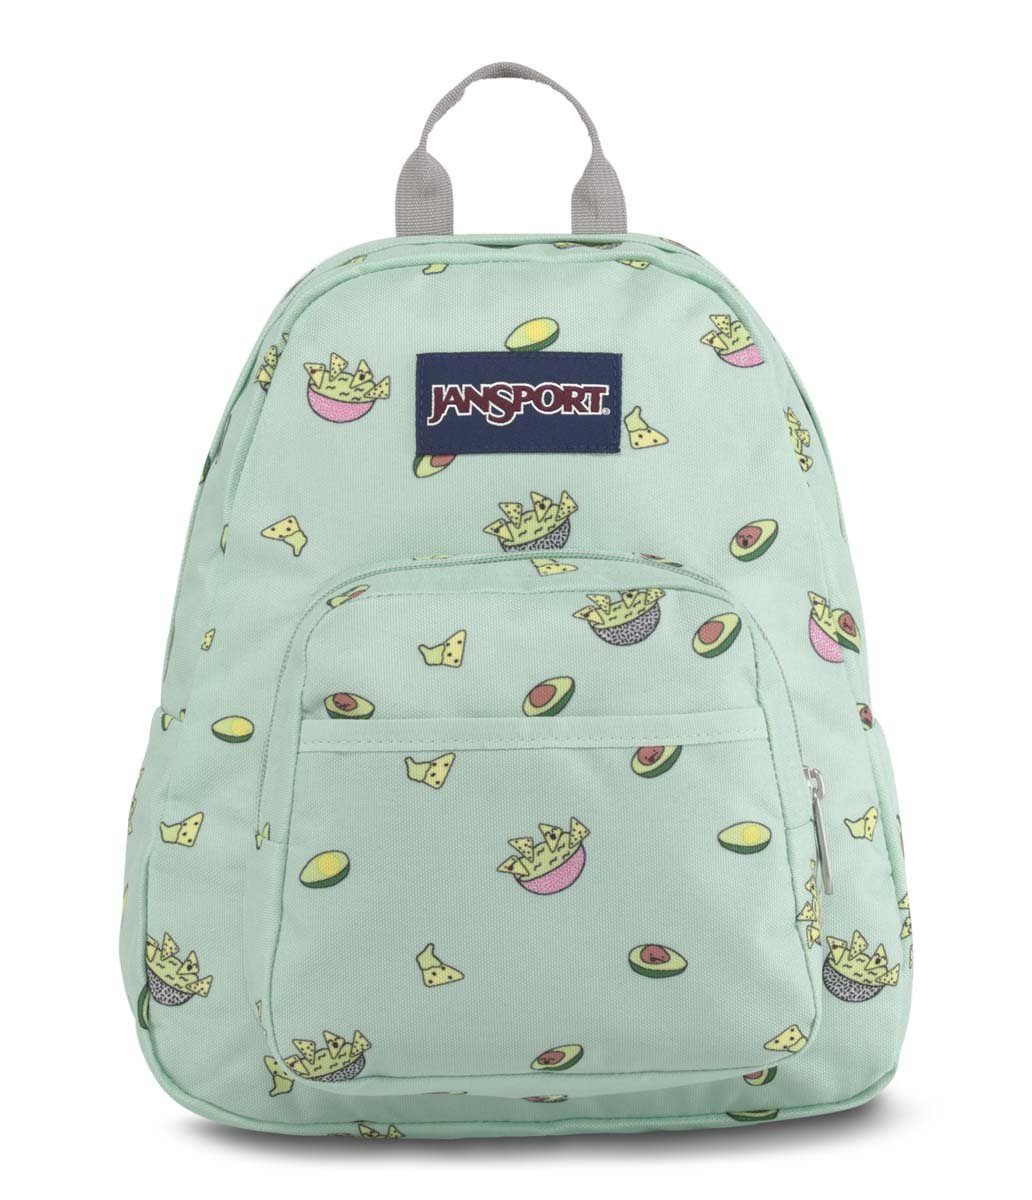 JanSport กระเป๋าเป้ รุ่น Half Pint - Avocado Party